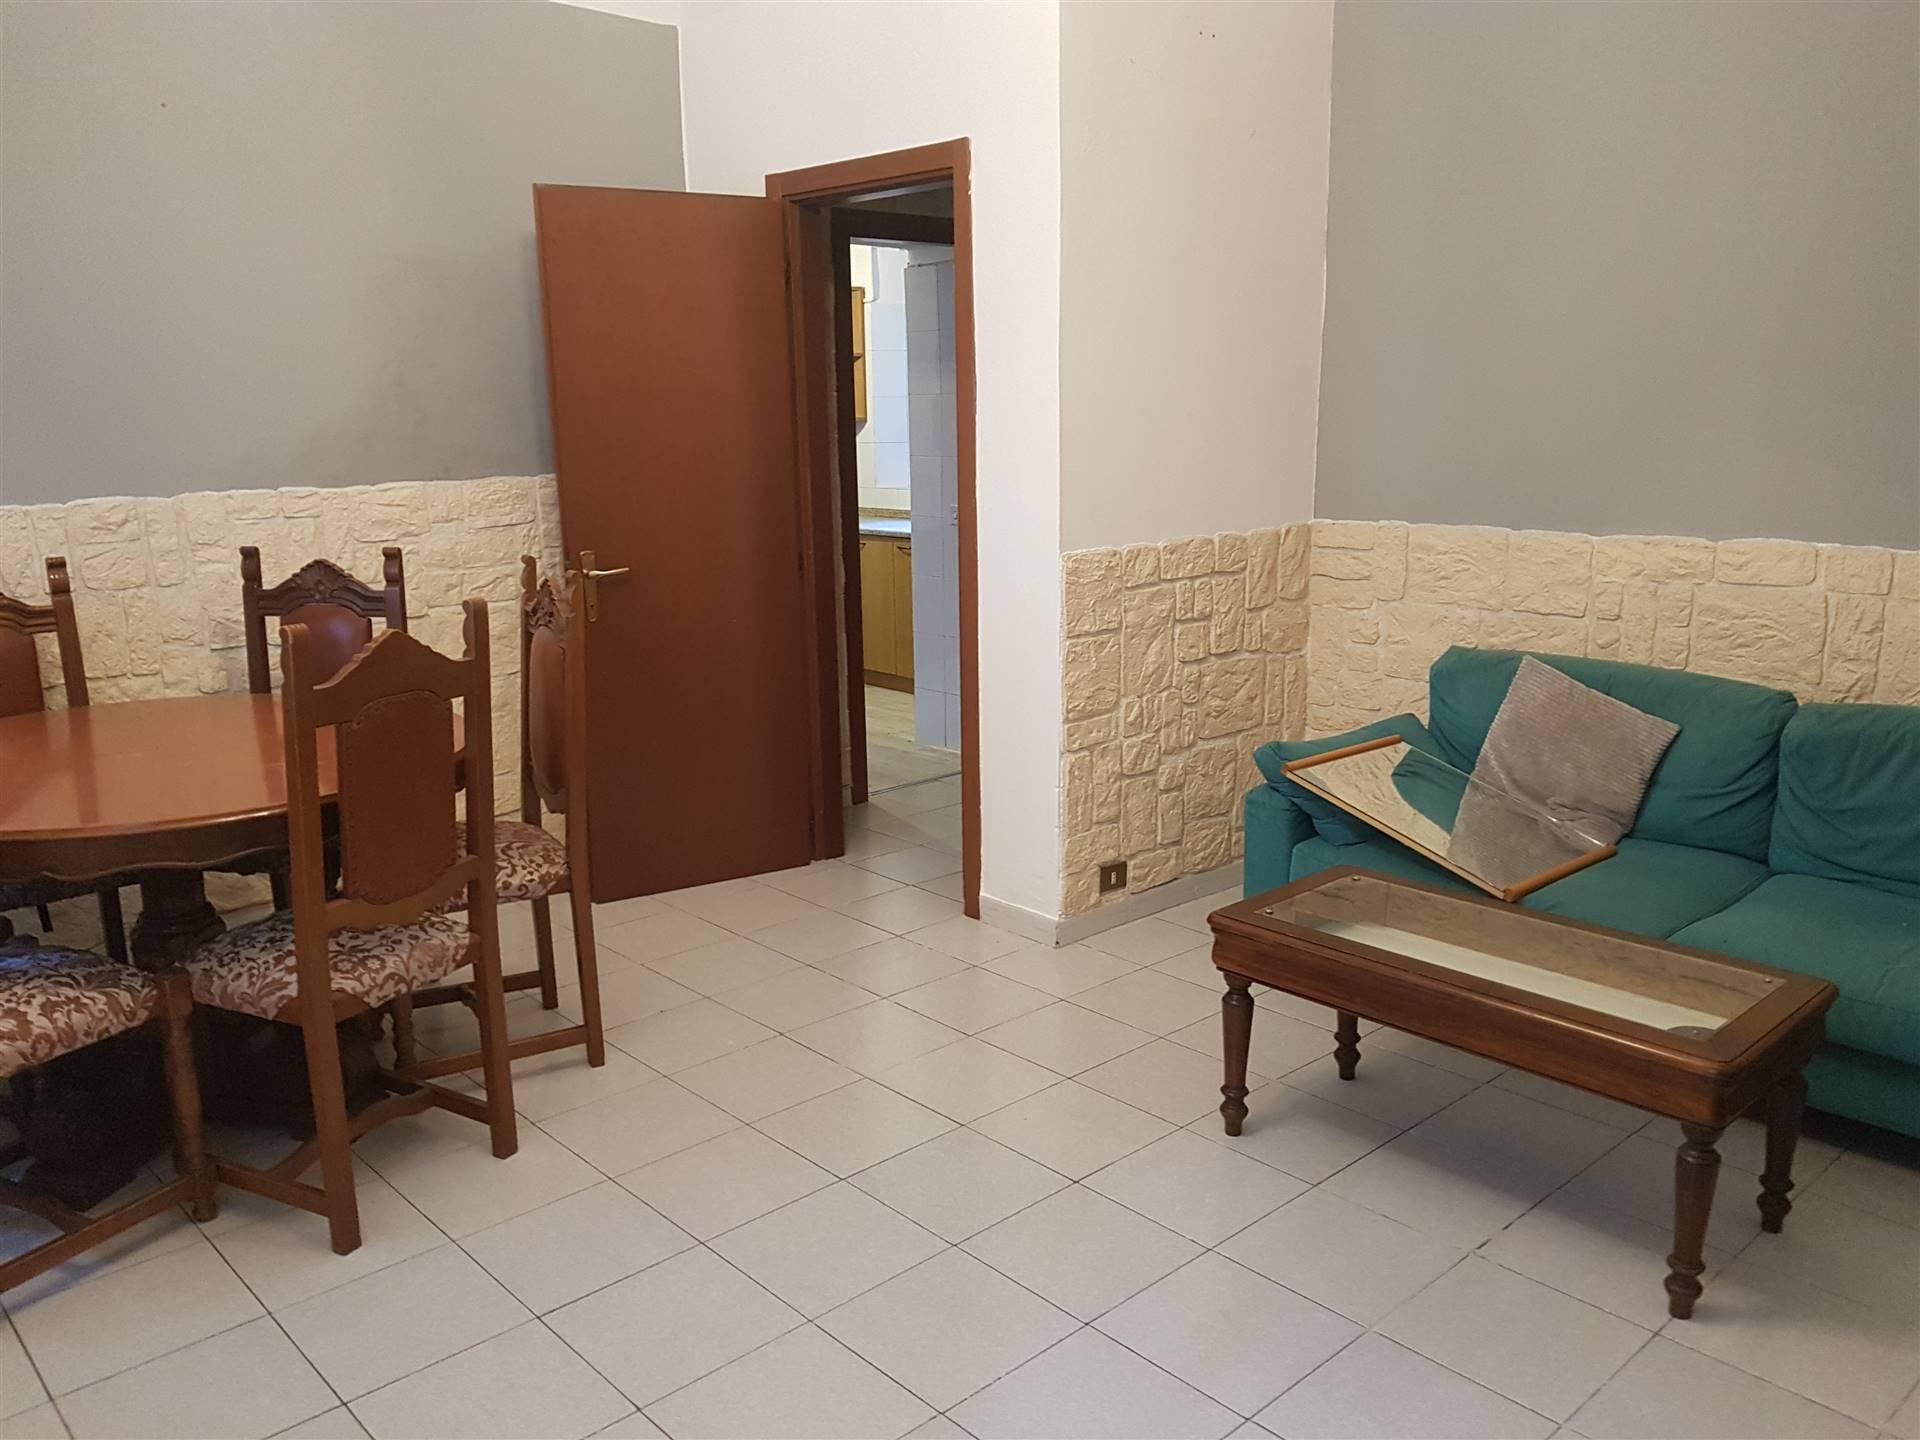 Appartamento in affitto a Inzago, 2 locali, prezzo € 550 | PortaleAgenzieImmobiliari.it